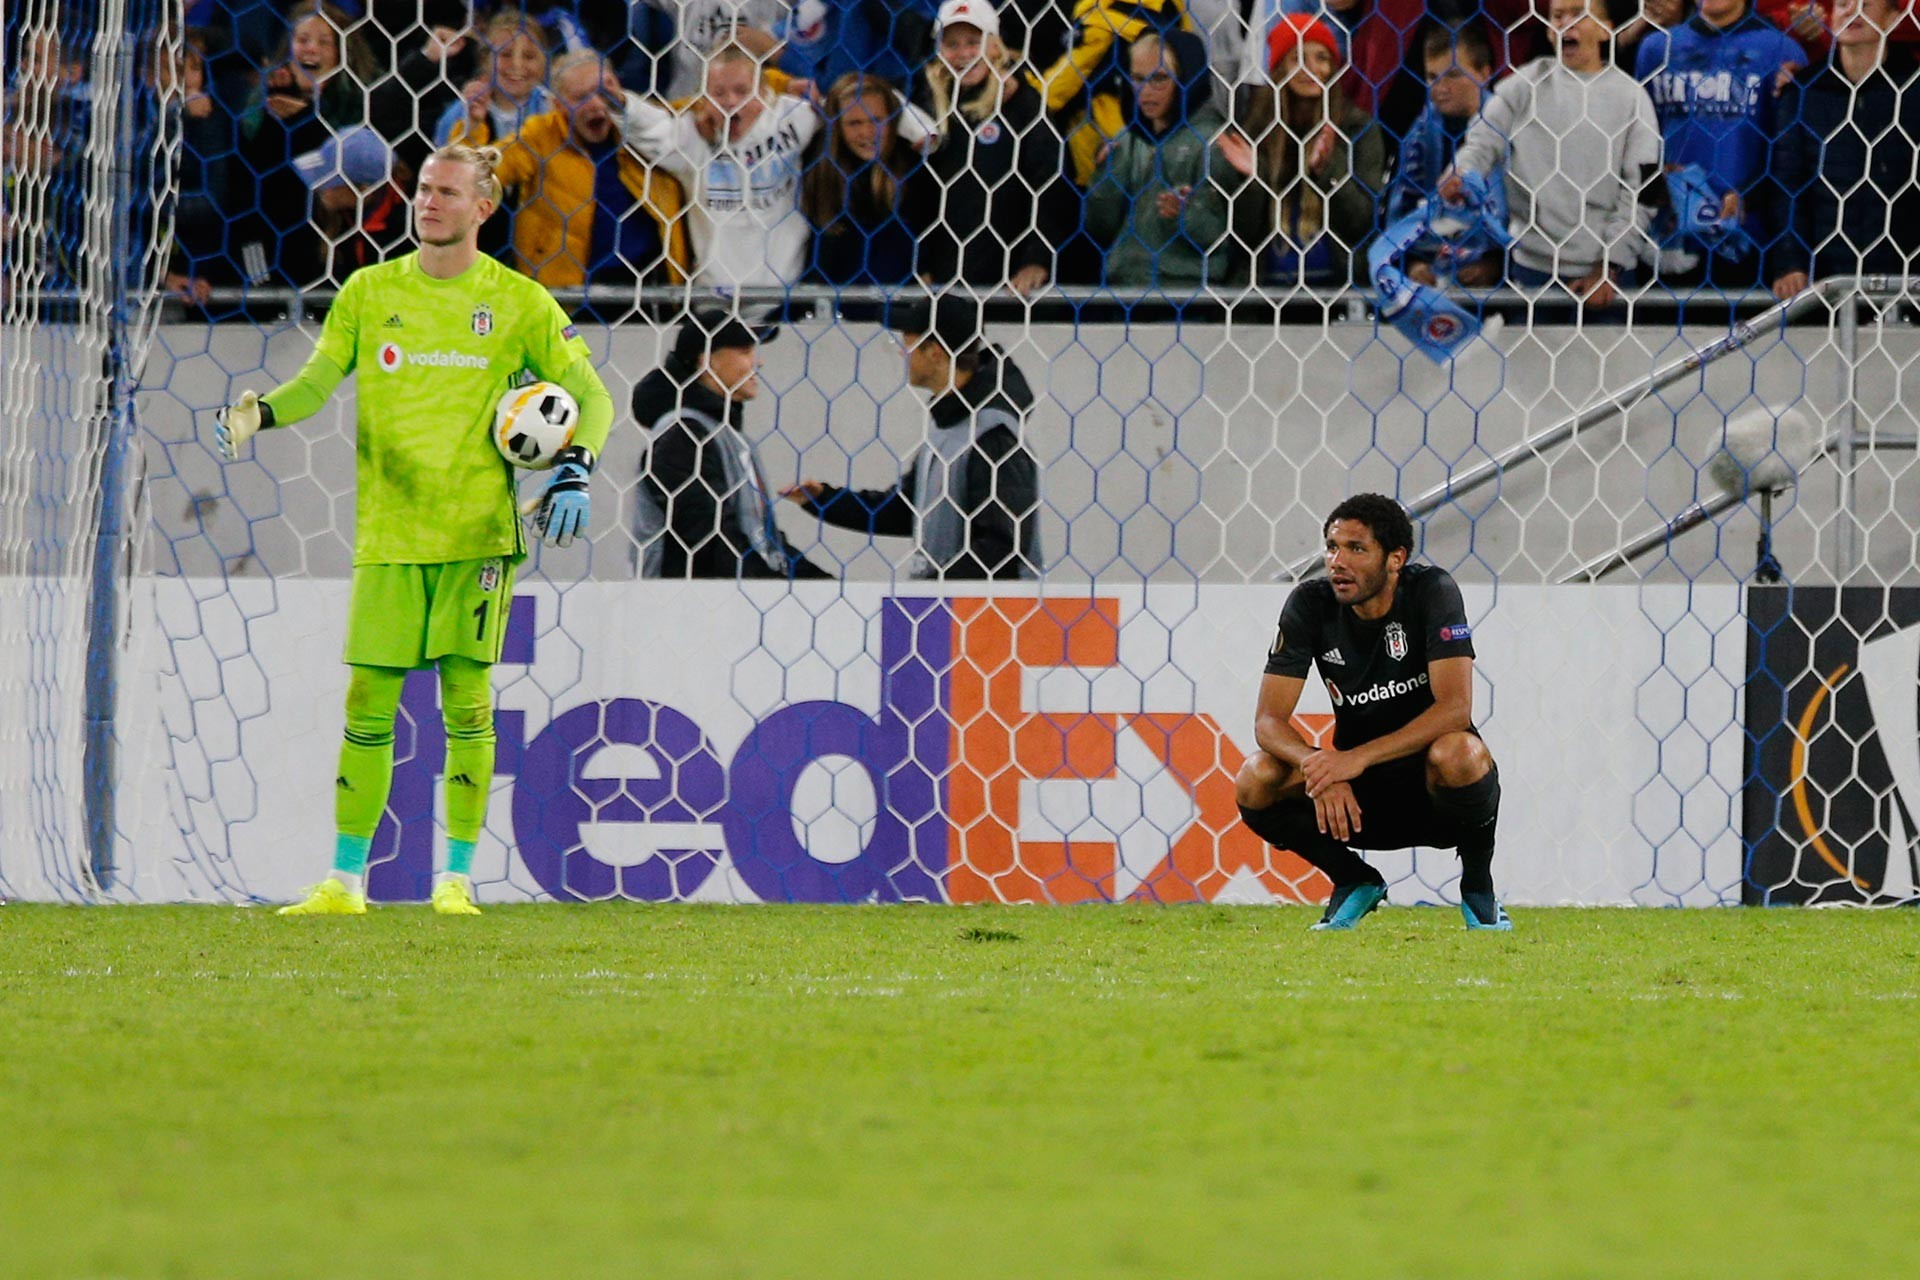 Beşiktaş, UEFA Avrupa Ligi ilk grup maçında Slovan Bratislava'ya 4-2 mağlup oldu